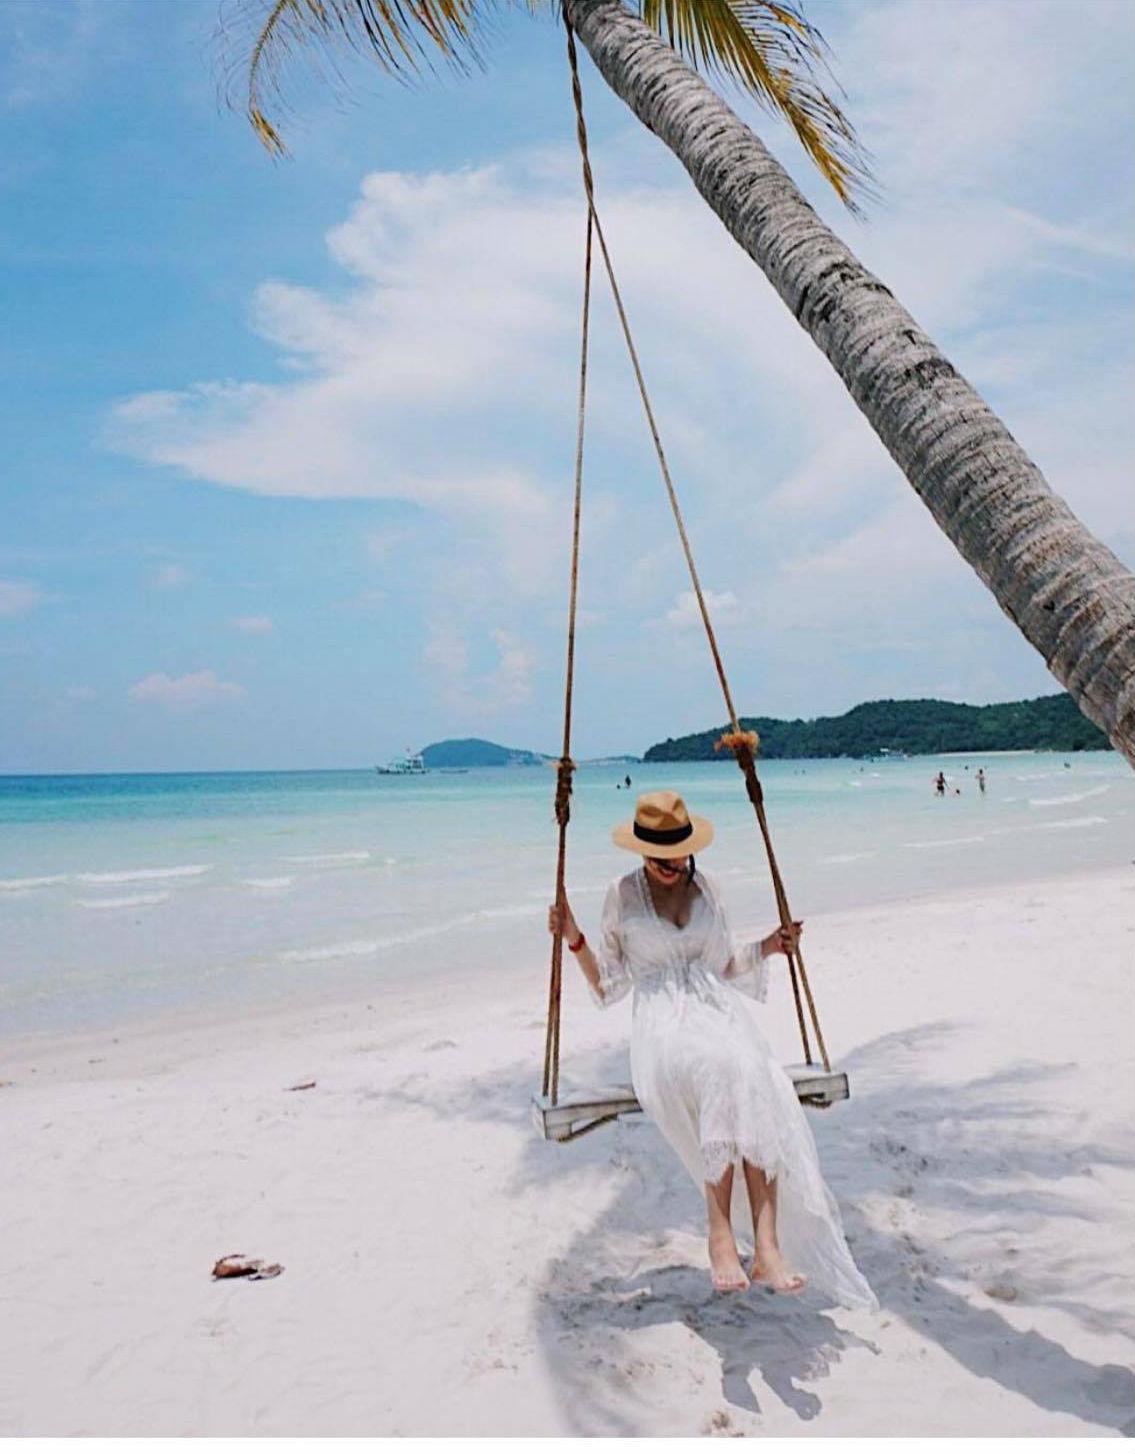 Xem xong MV Có em chờ, lại thêm lý do để tin rằng JW Marriott Phú Quốc chính là resort đáng đi nhất hè này! - Ảnh 32.